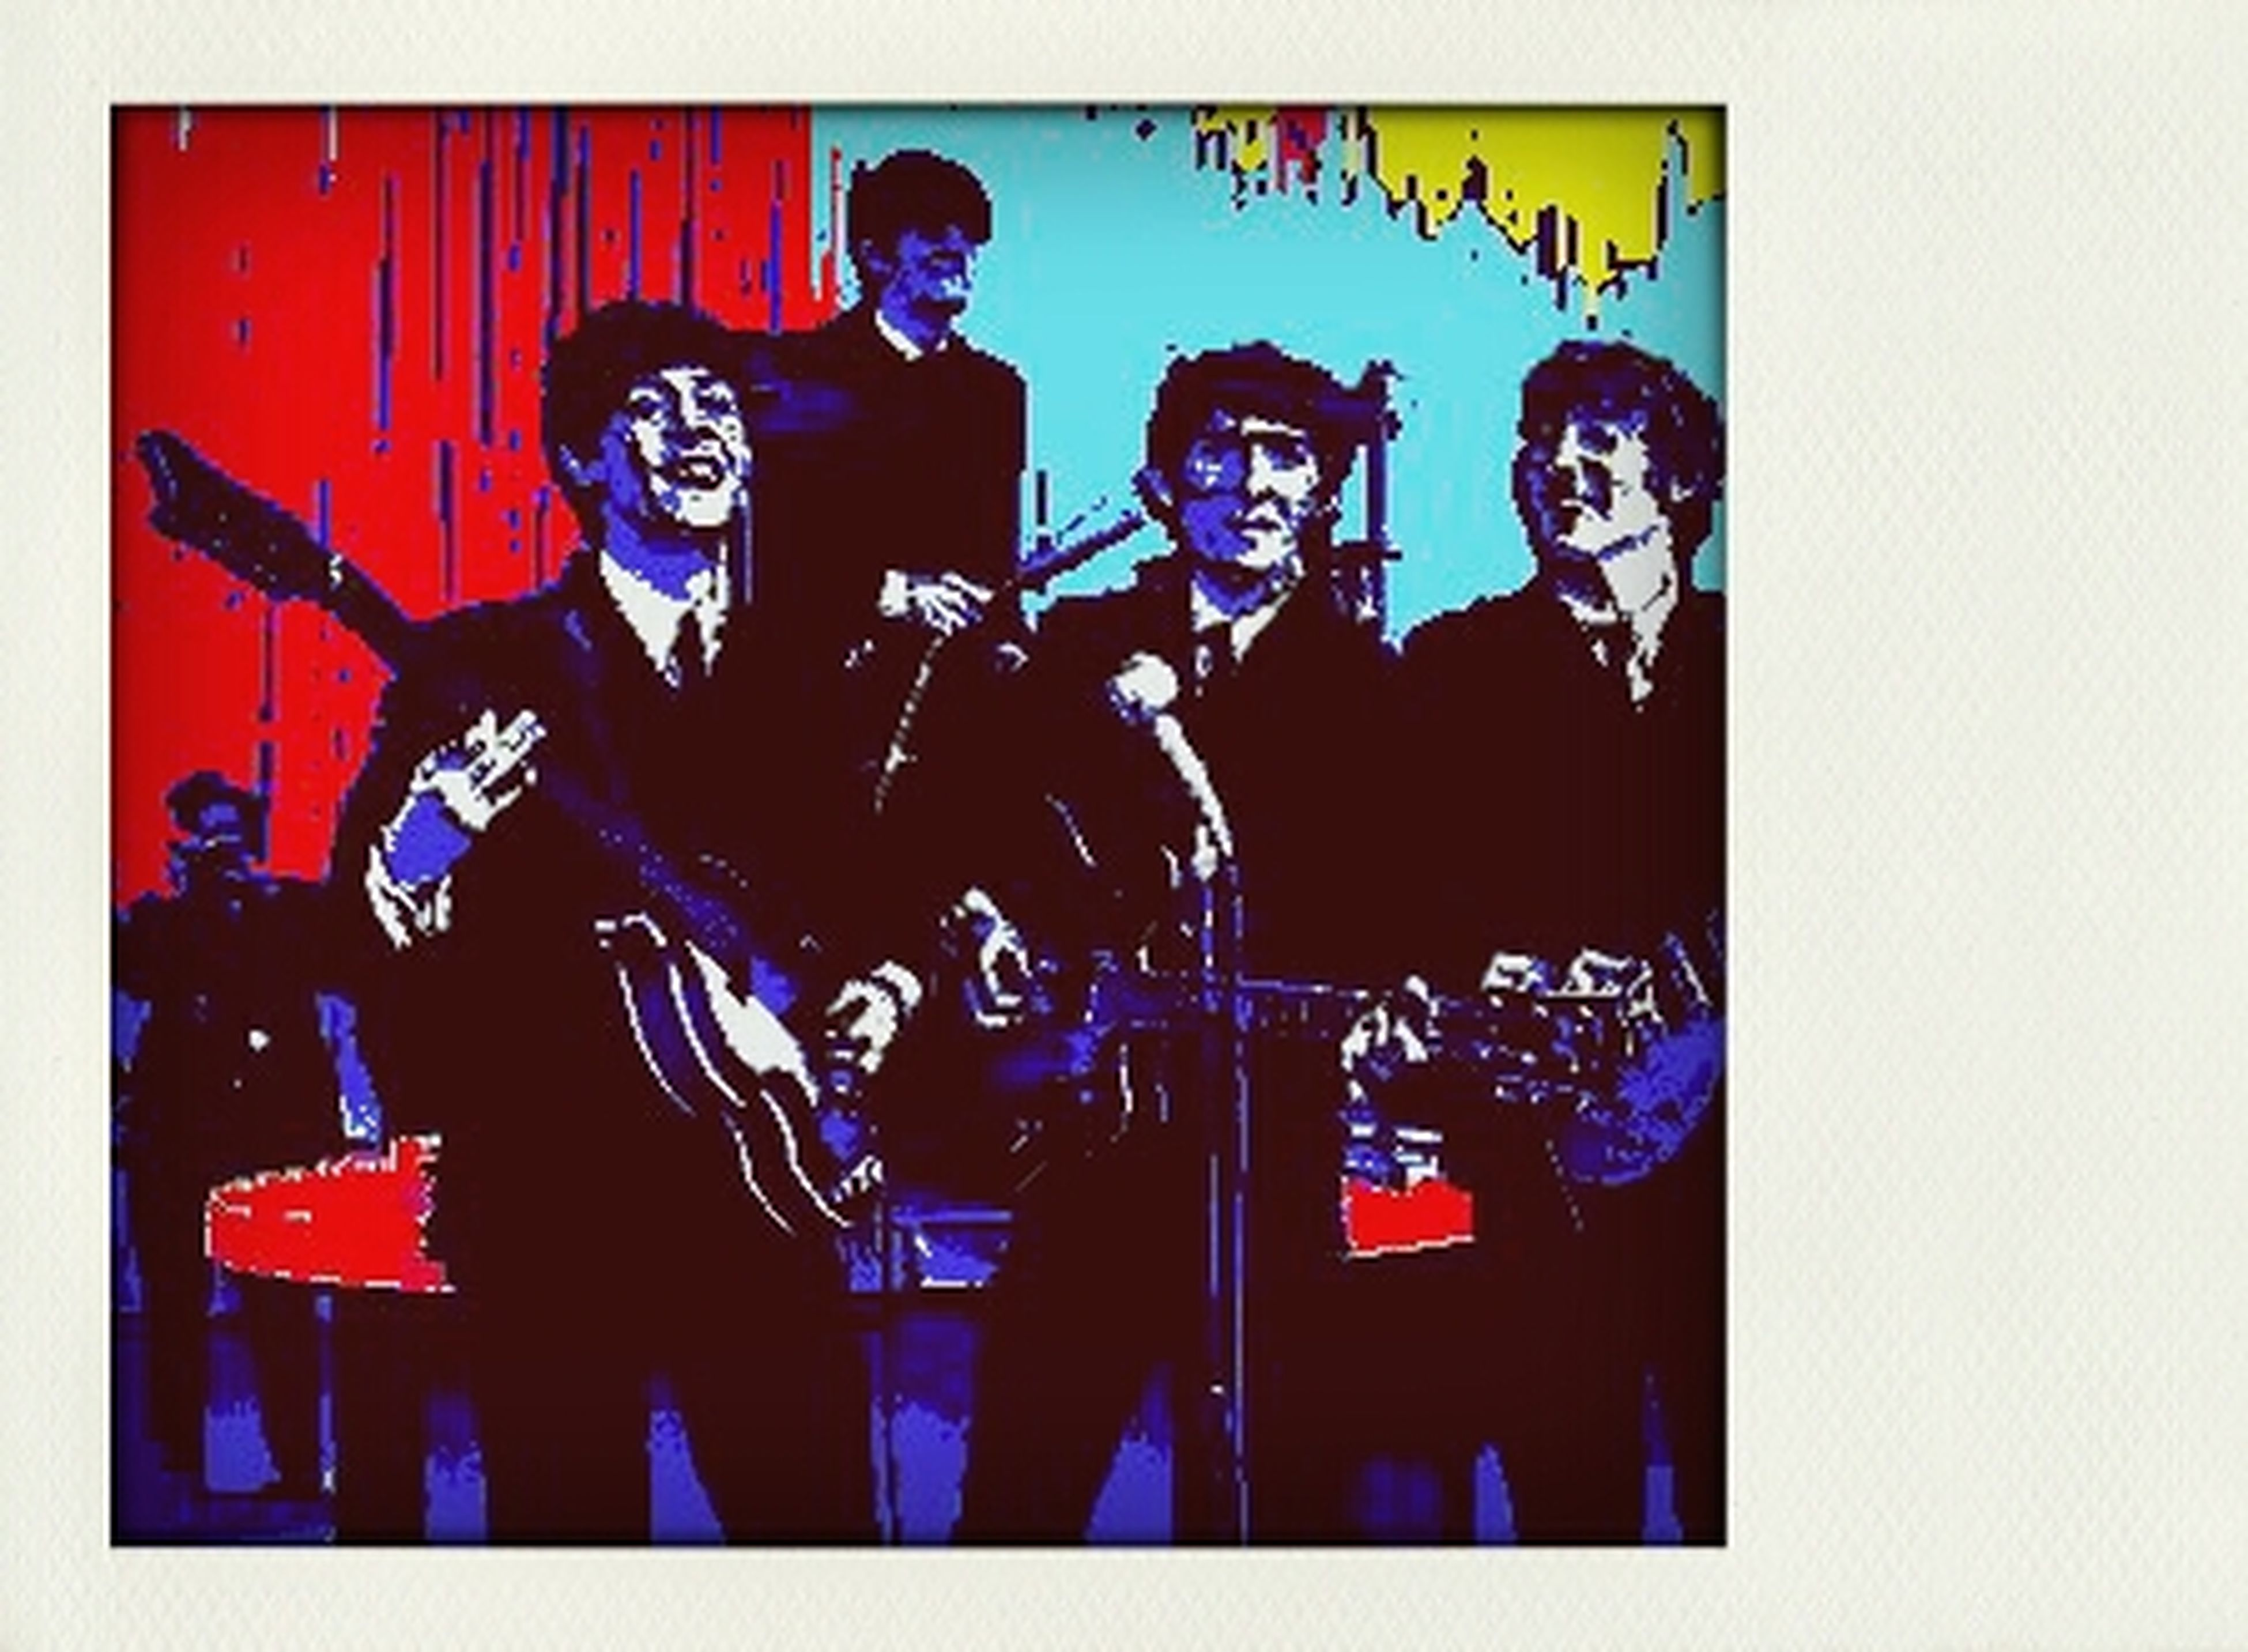 The Beatles Pop Art ArtWork Laboratorio Artistico Di Sperimentazione Creativa Transconceptual Art The Beatles Go On Art Installation Gaspare Caramello Atelier Artistique Arts Laboratory Virtual Web Museum Of Contemporary Art TransPopConceptArt